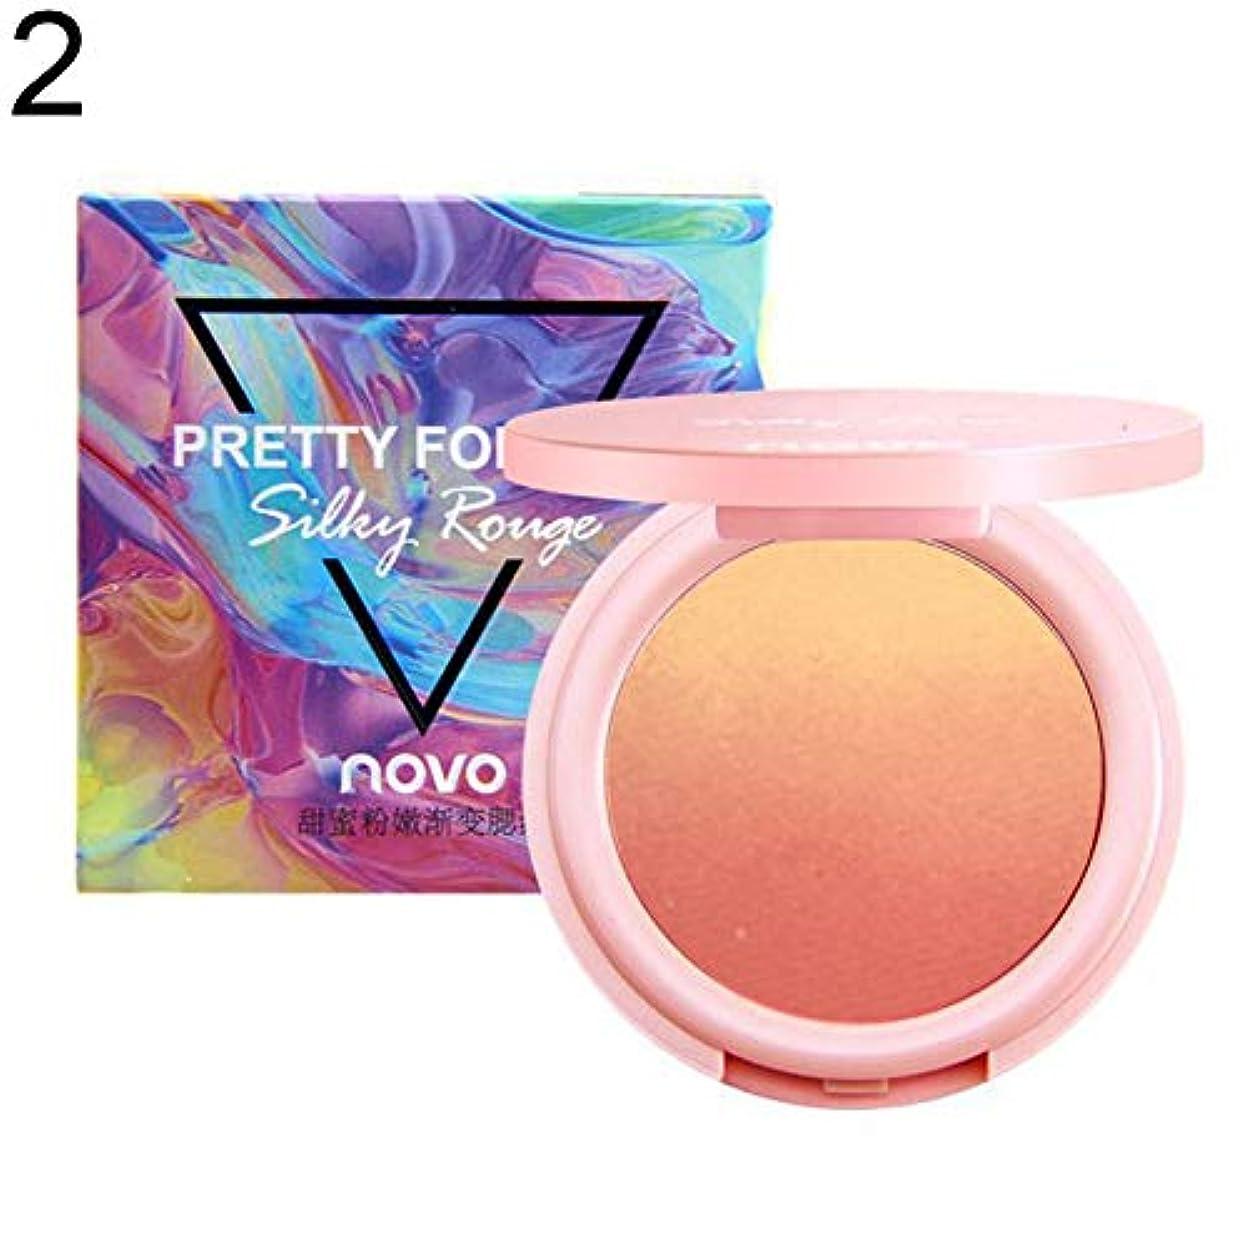 クローゼット叙情的な気がついてNOVOプロ2色フェイスブラッシャーパウダー長続きがする明るく頬化粧品 - 2#